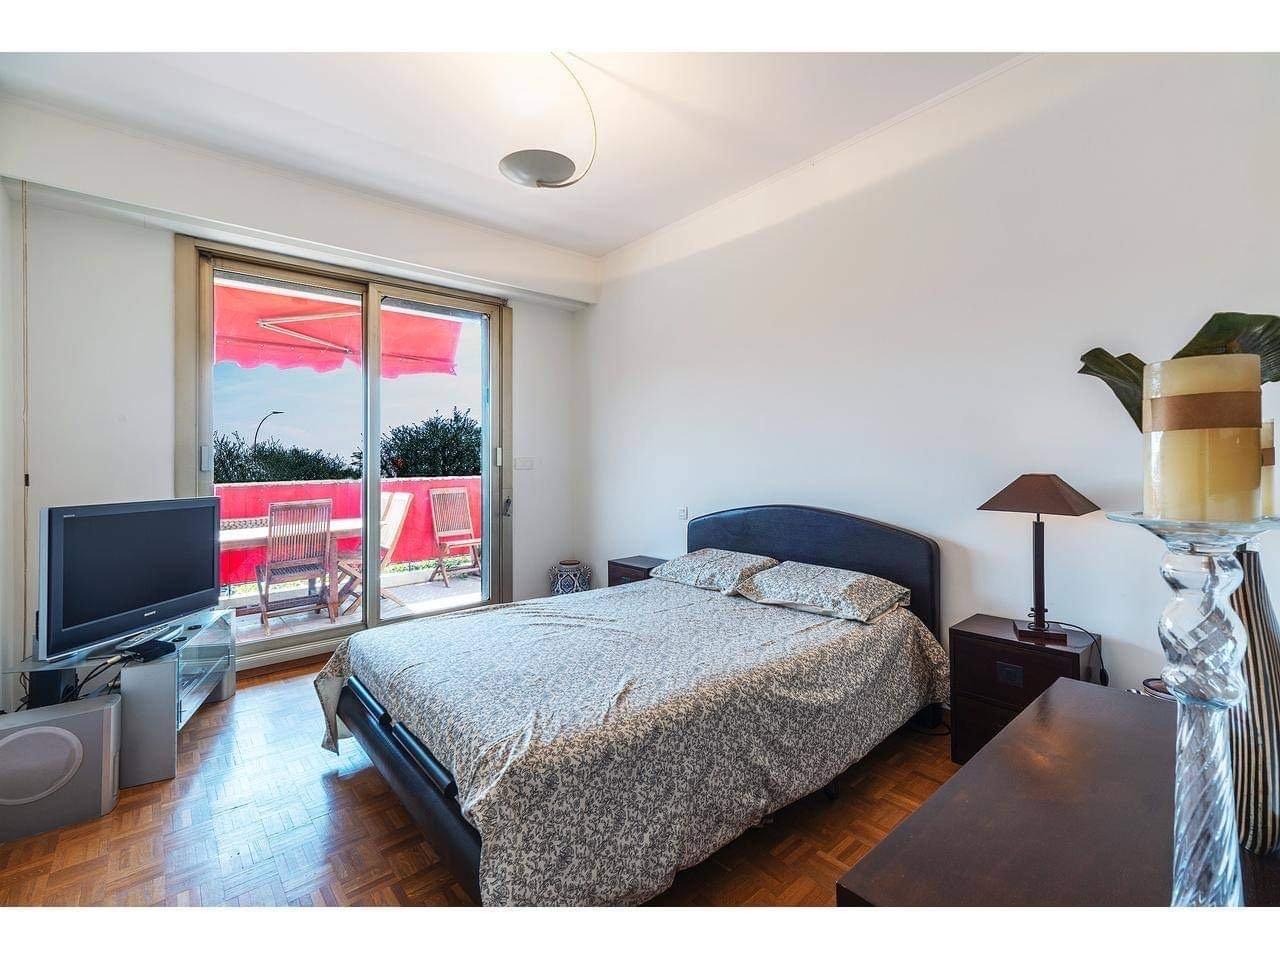 NICE - FABRON - (06200) - Appartement 3P 78,5m²- TERRASSE - VUE MER